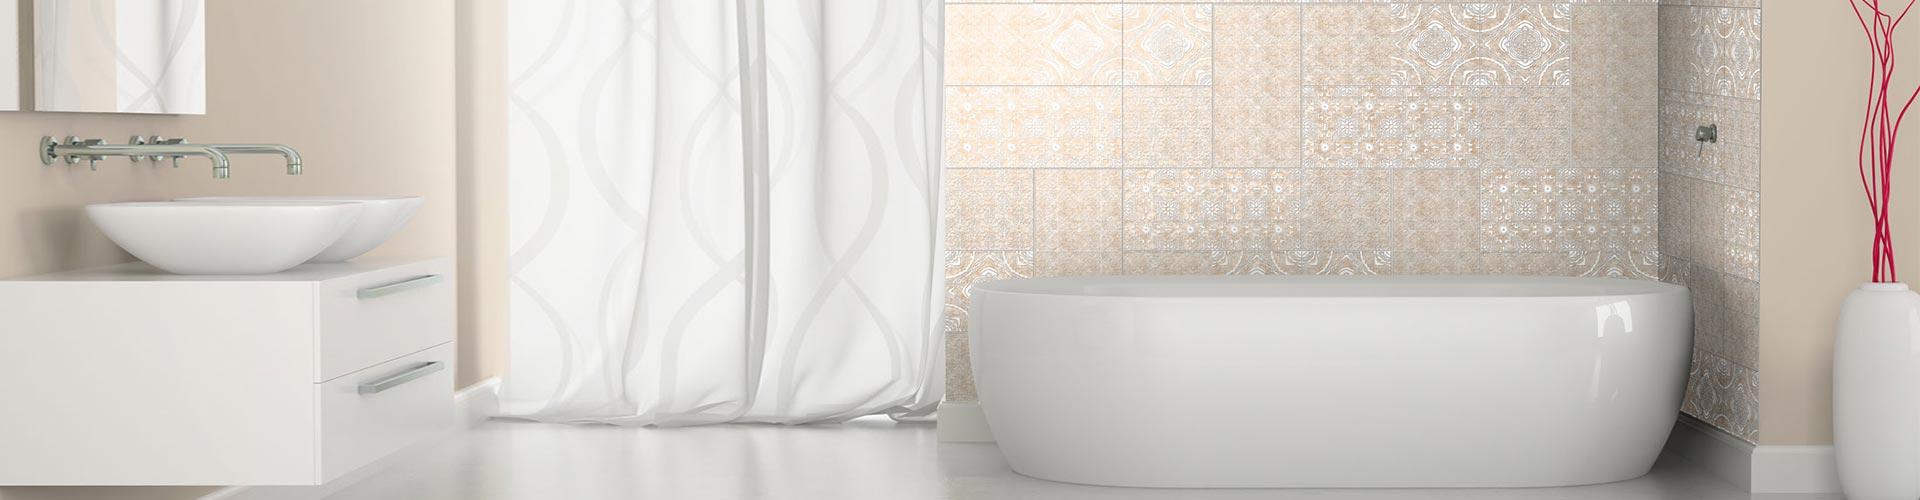 Piastrelle ceramica stampa digitale rivestimento bagno